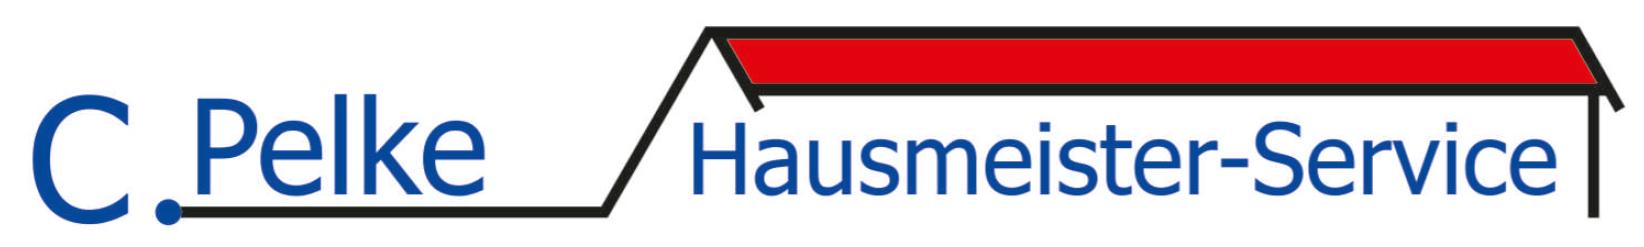 Pelke Hausmeister-Service